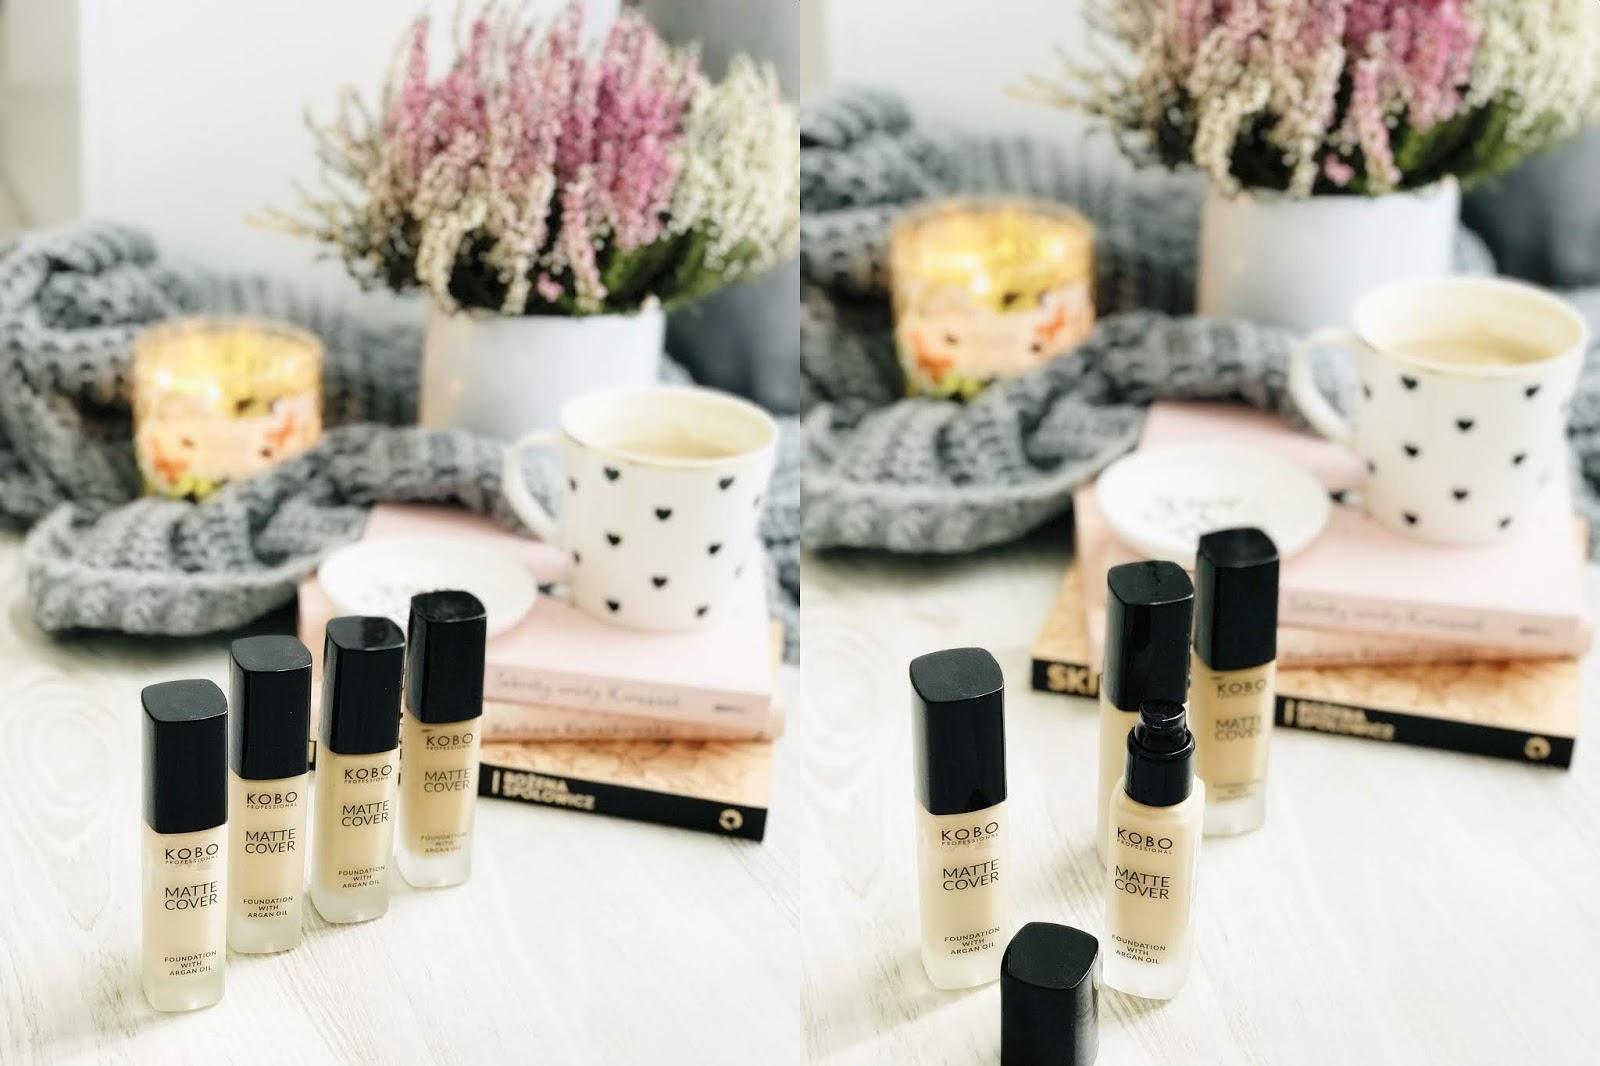 co nowego ? | kosmetyczne nowości | drogeria Natura | My Secret | Kobo Professional | Sensique